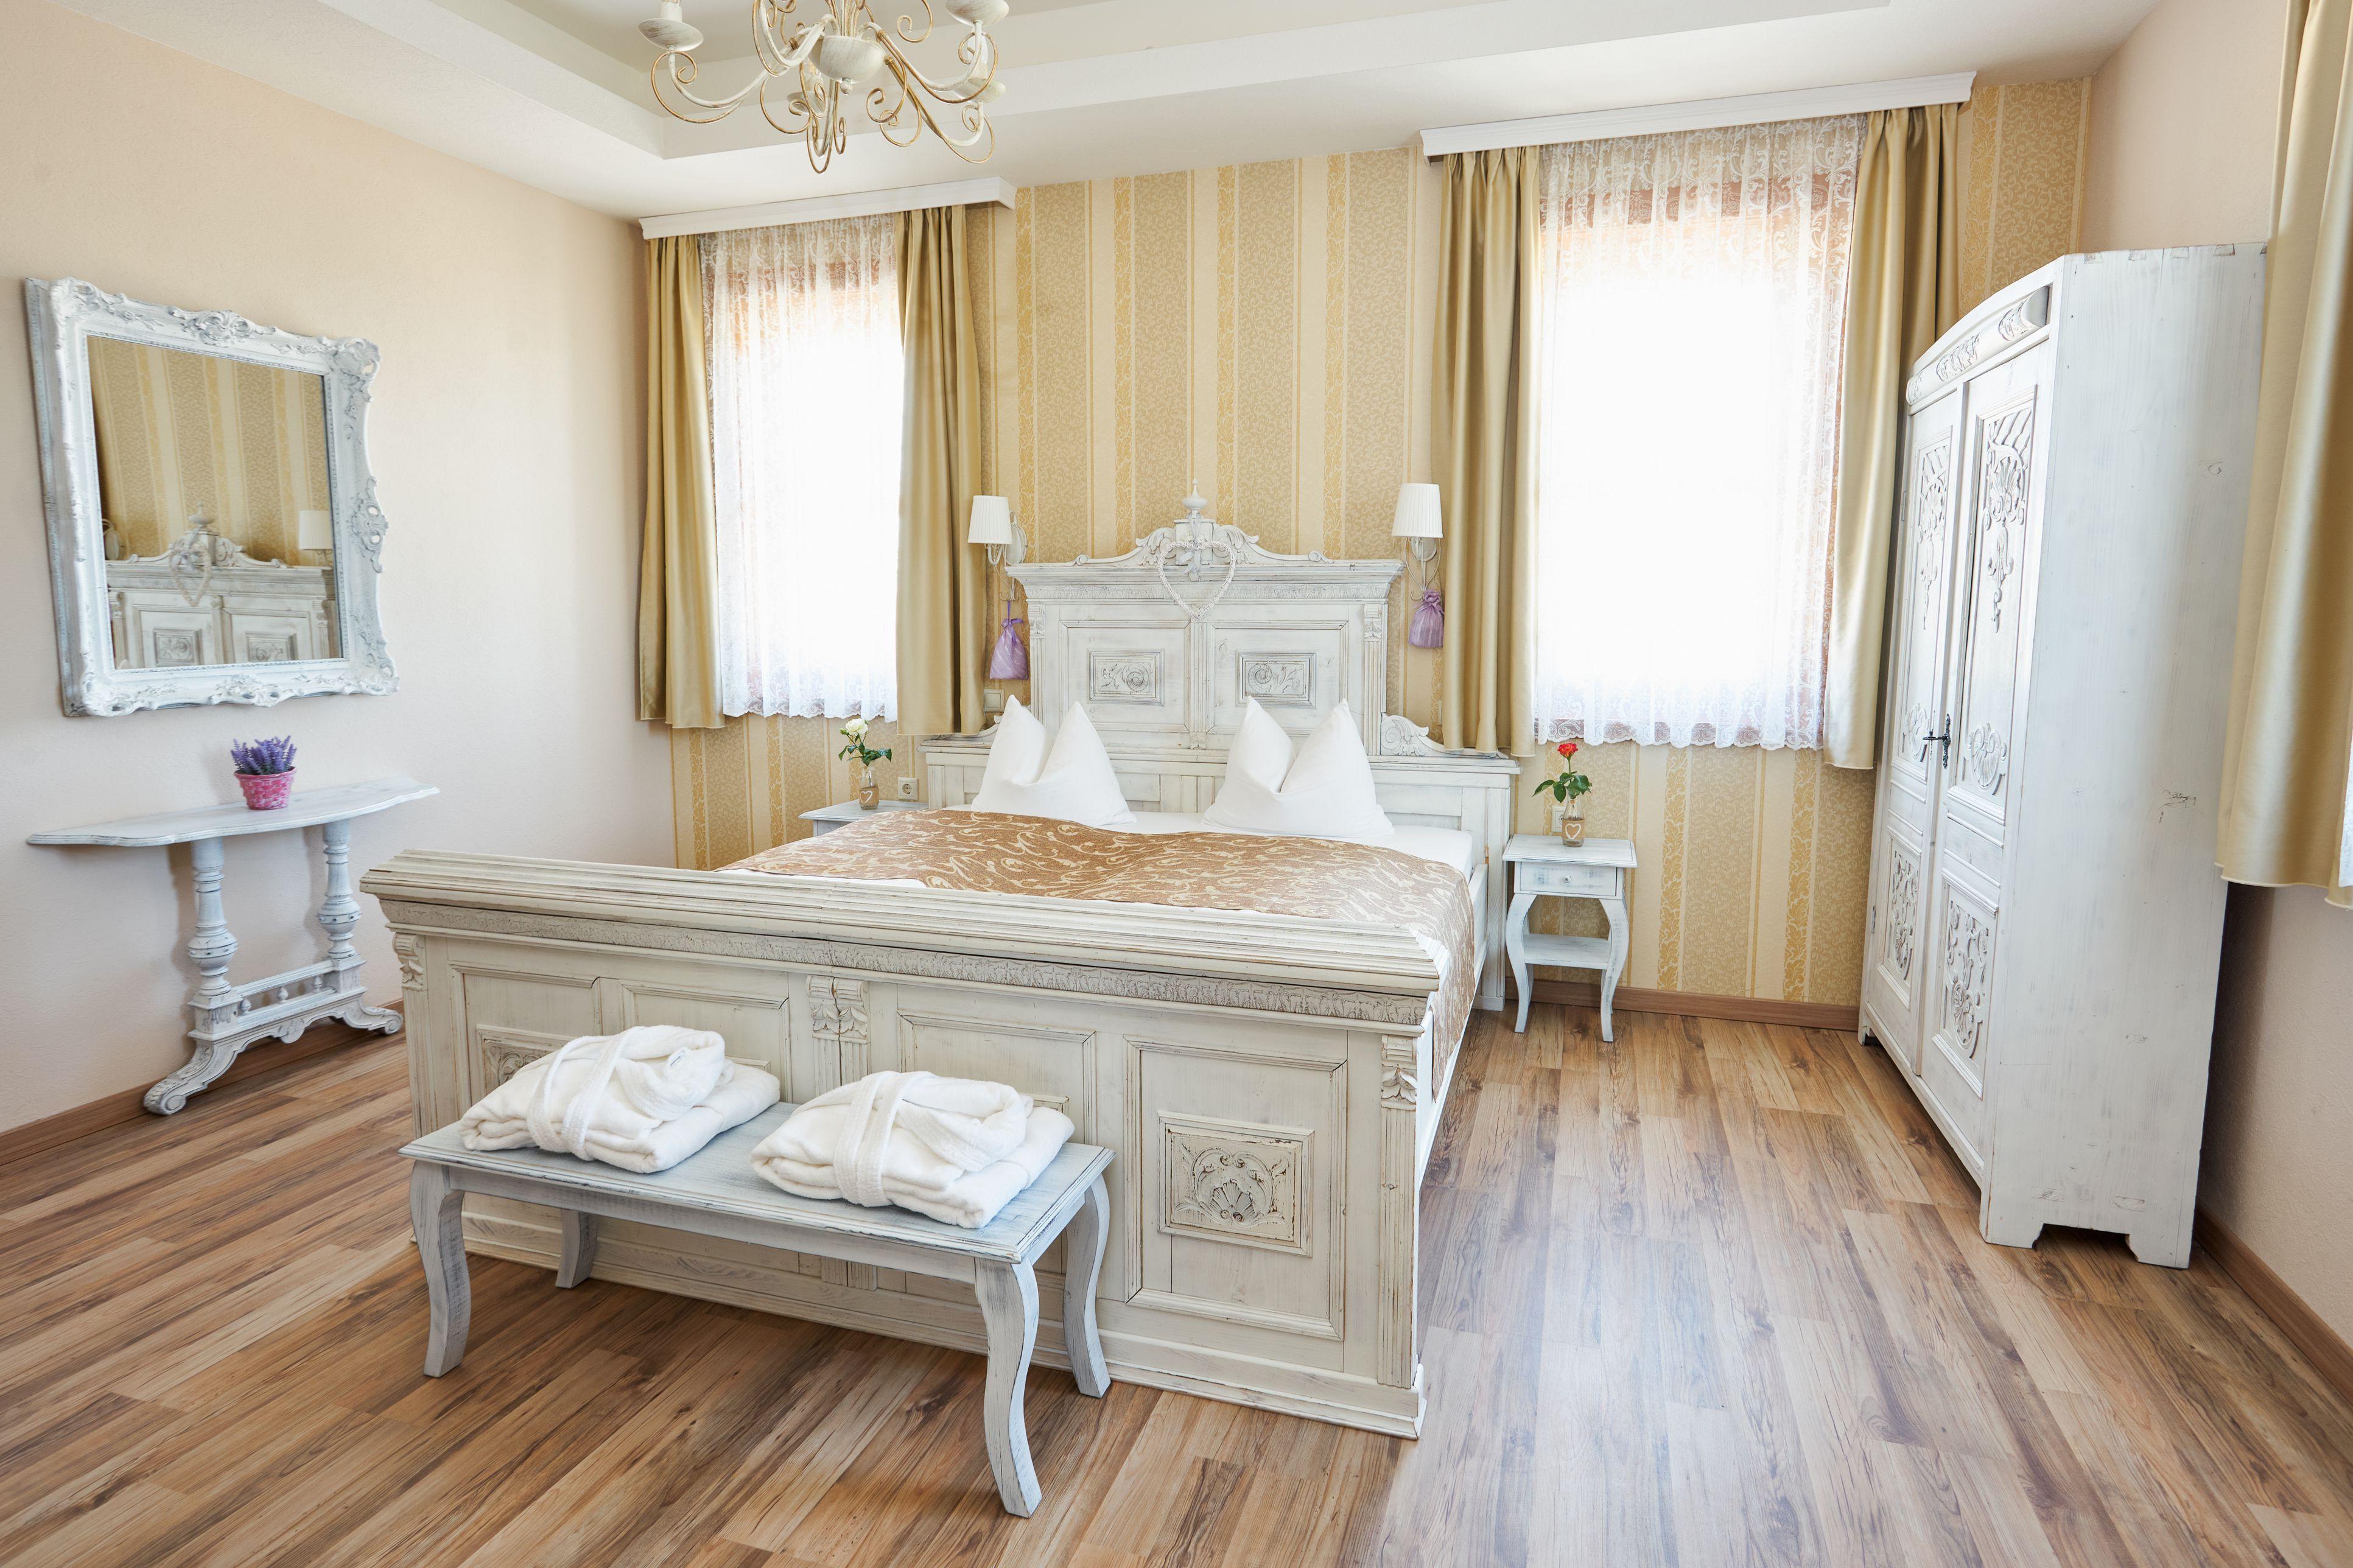 vinyl vs hardwood flooring cost of how does luxury vinyl flooring differ from standard vinyl intended for hotel room 840458542 5aefb33e3de42300389ed58d